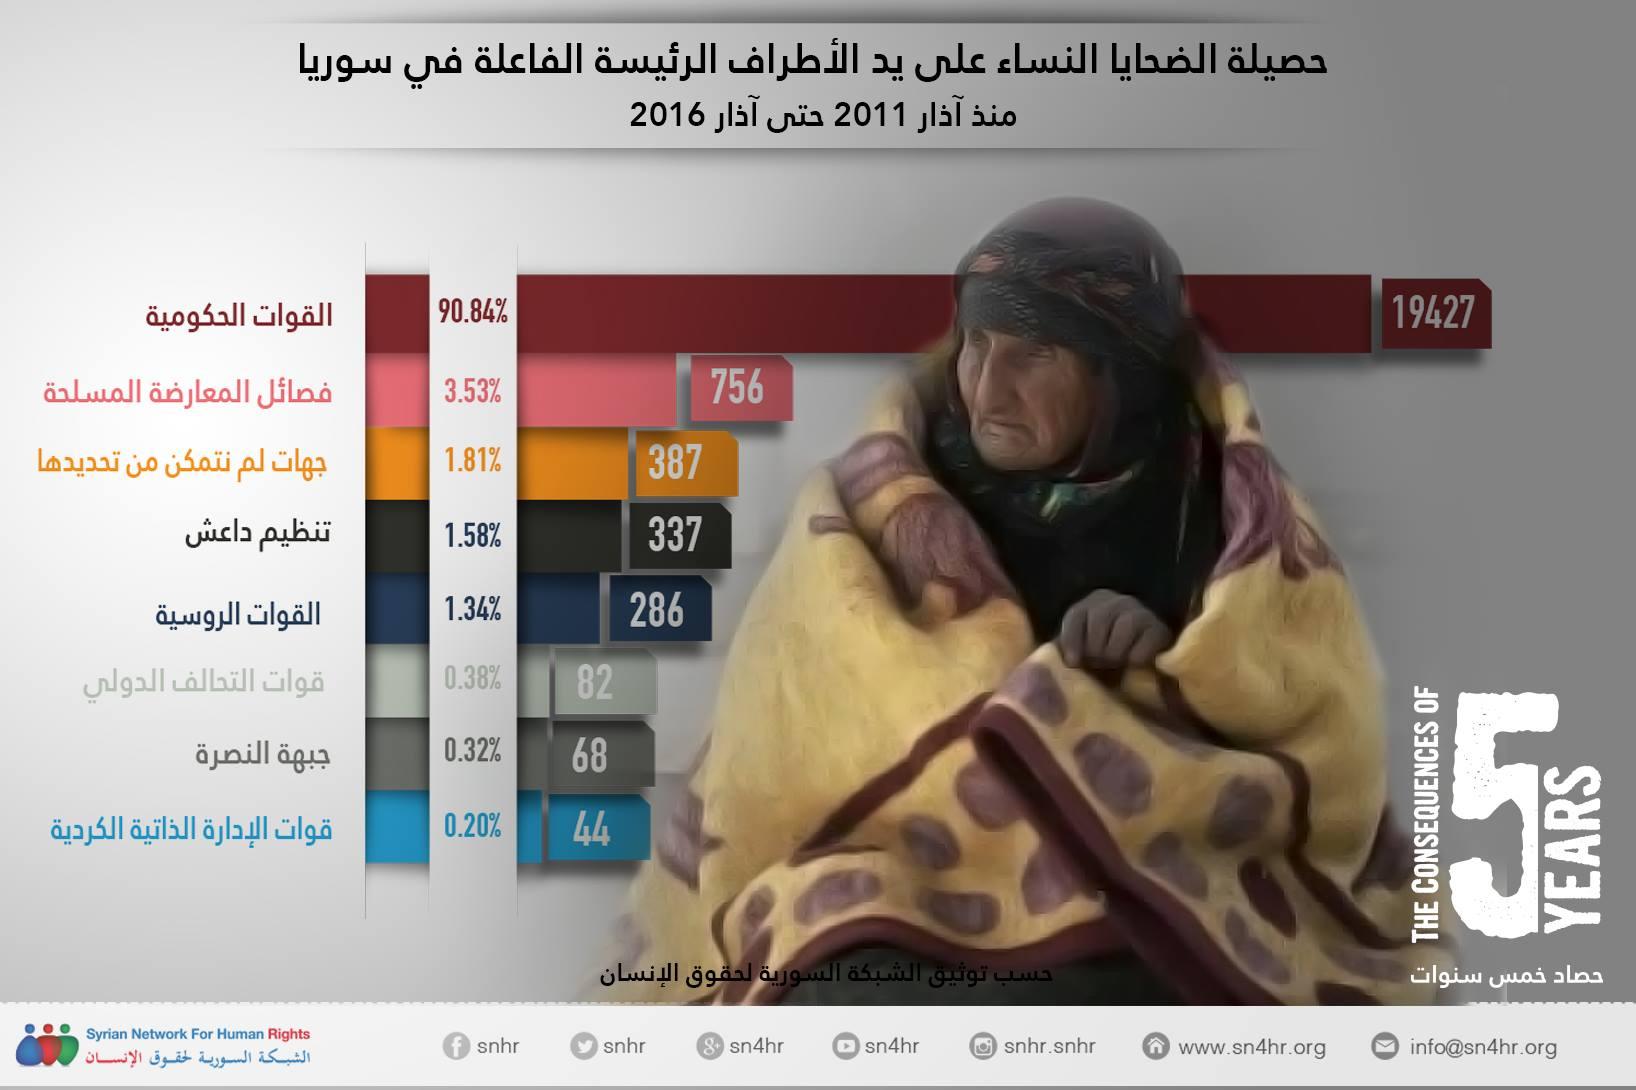 حصيلة الضحايا من النساء في سوريا